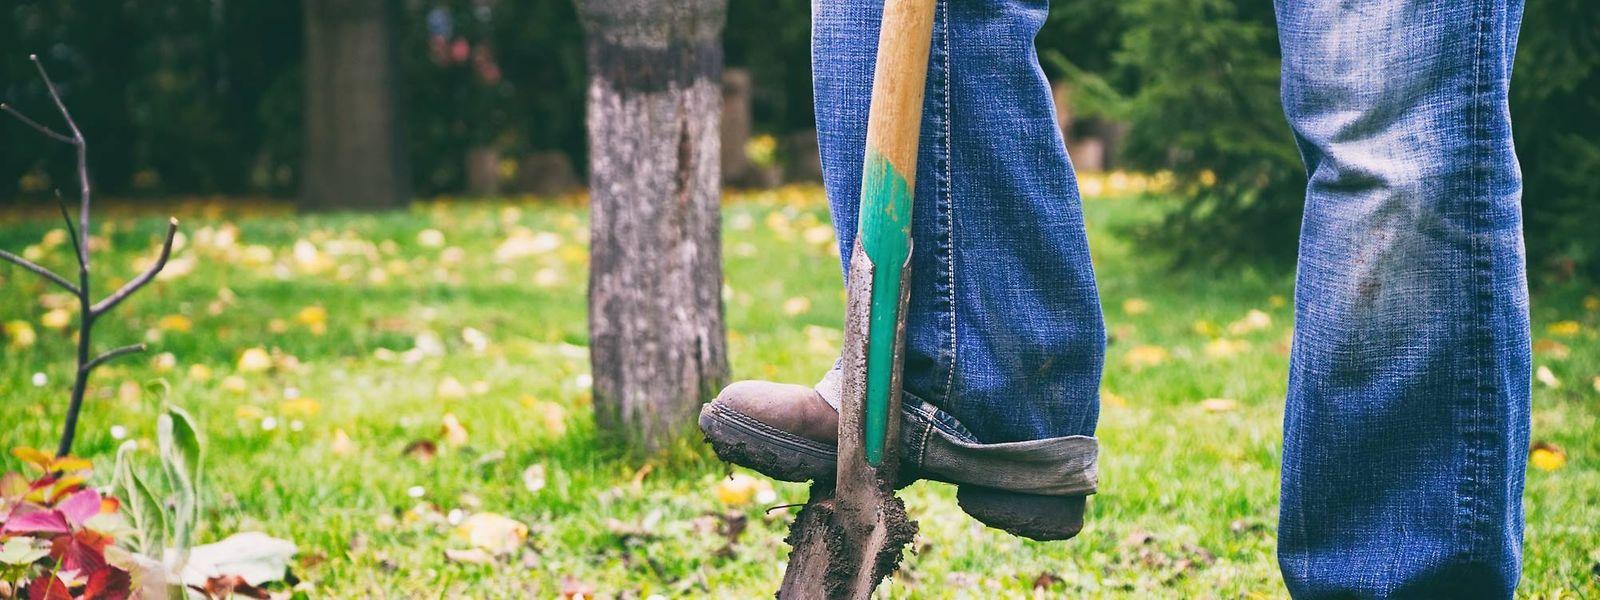 In schwierigen Zeiten wie diesen ist Gartenarbeit eine gute Möglichkeit, sich zu Hause zu beschäftigen – dies umso mehr, da saisonbedingt gerade im März zahlreiche Aufgaben anfallen.